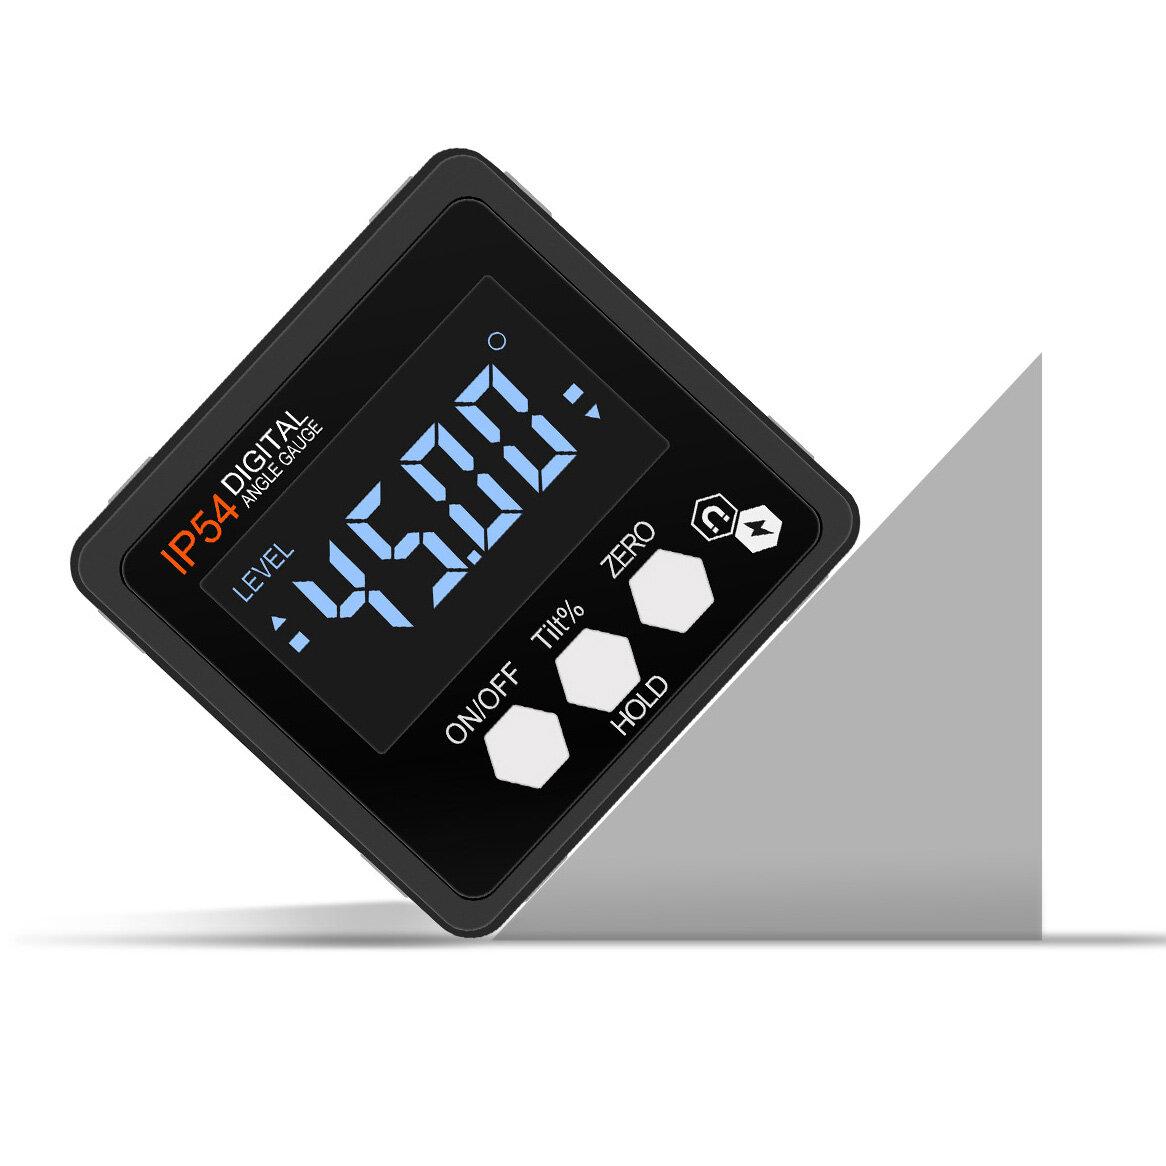 ETOPOO 4 * 90 ° محدث الدقة رقمي صندوق مستوى المنقلة رقمي زاوية مكتشف شطبة مع قاعدة مغناطيسية